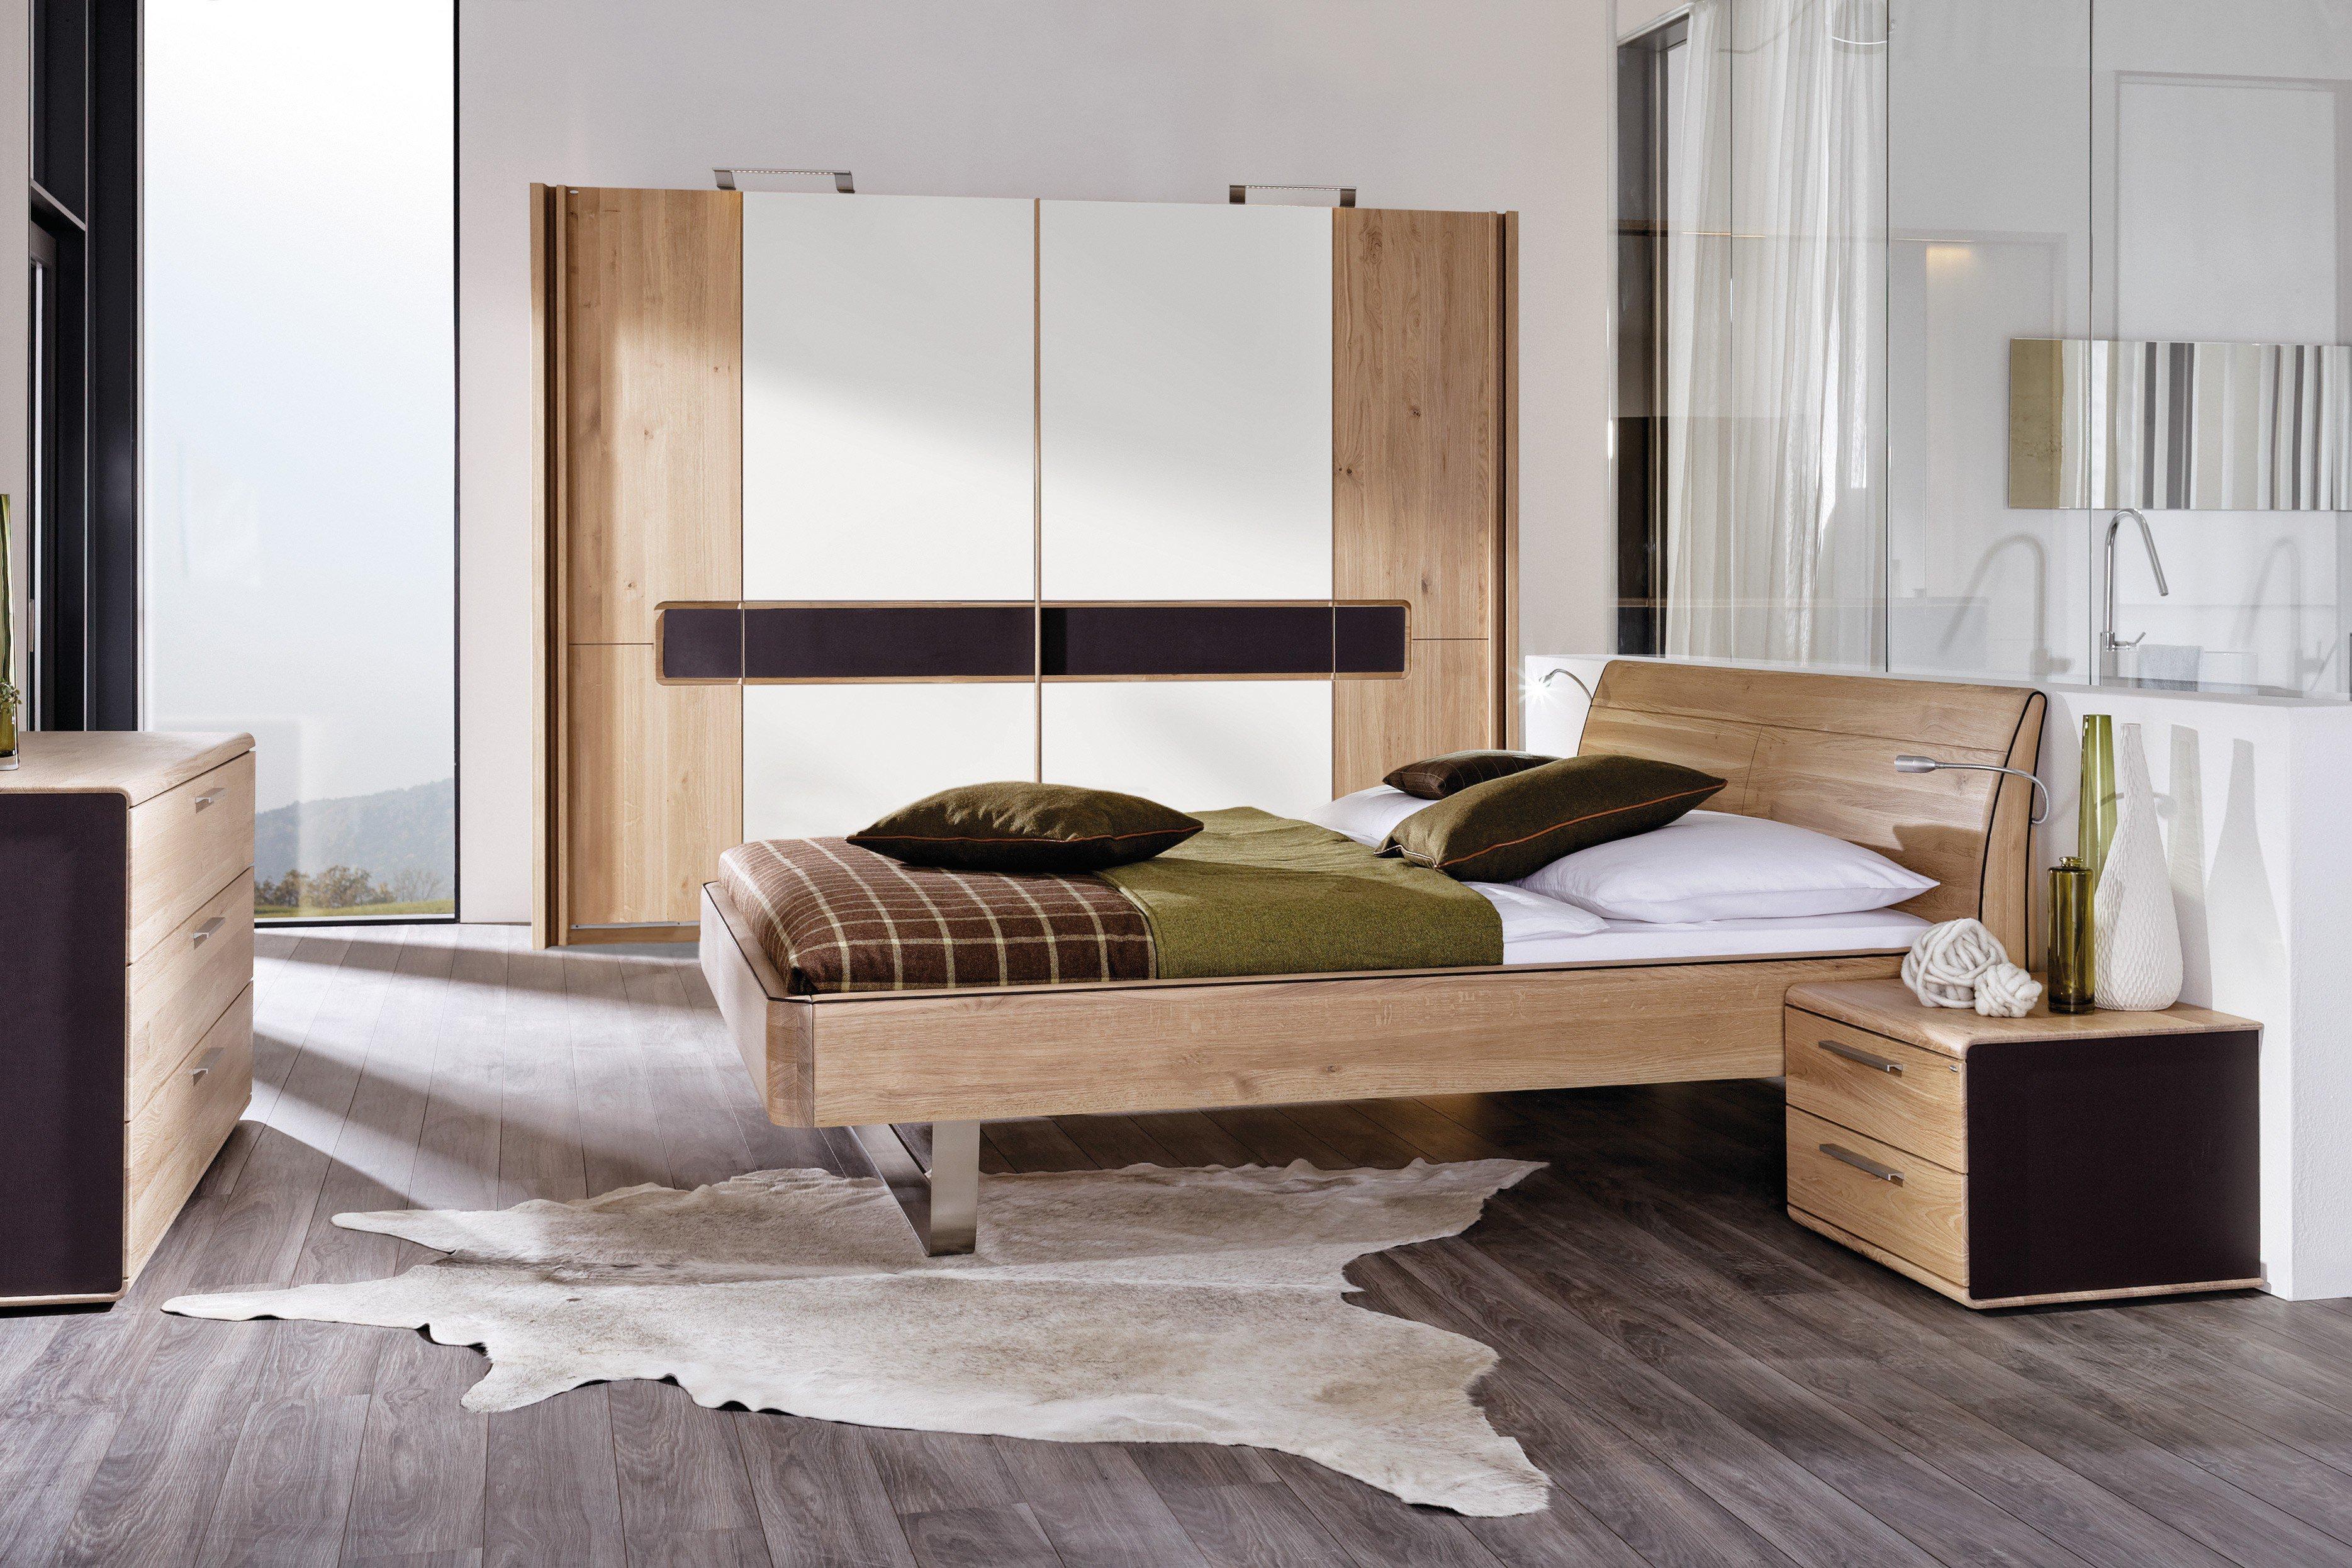 v linea von voglauer schlafzimmer wildeiche 1 online kaufen betten kleiderschr nke und. Black Bedroom Furniture Sets. Home Design Ideas